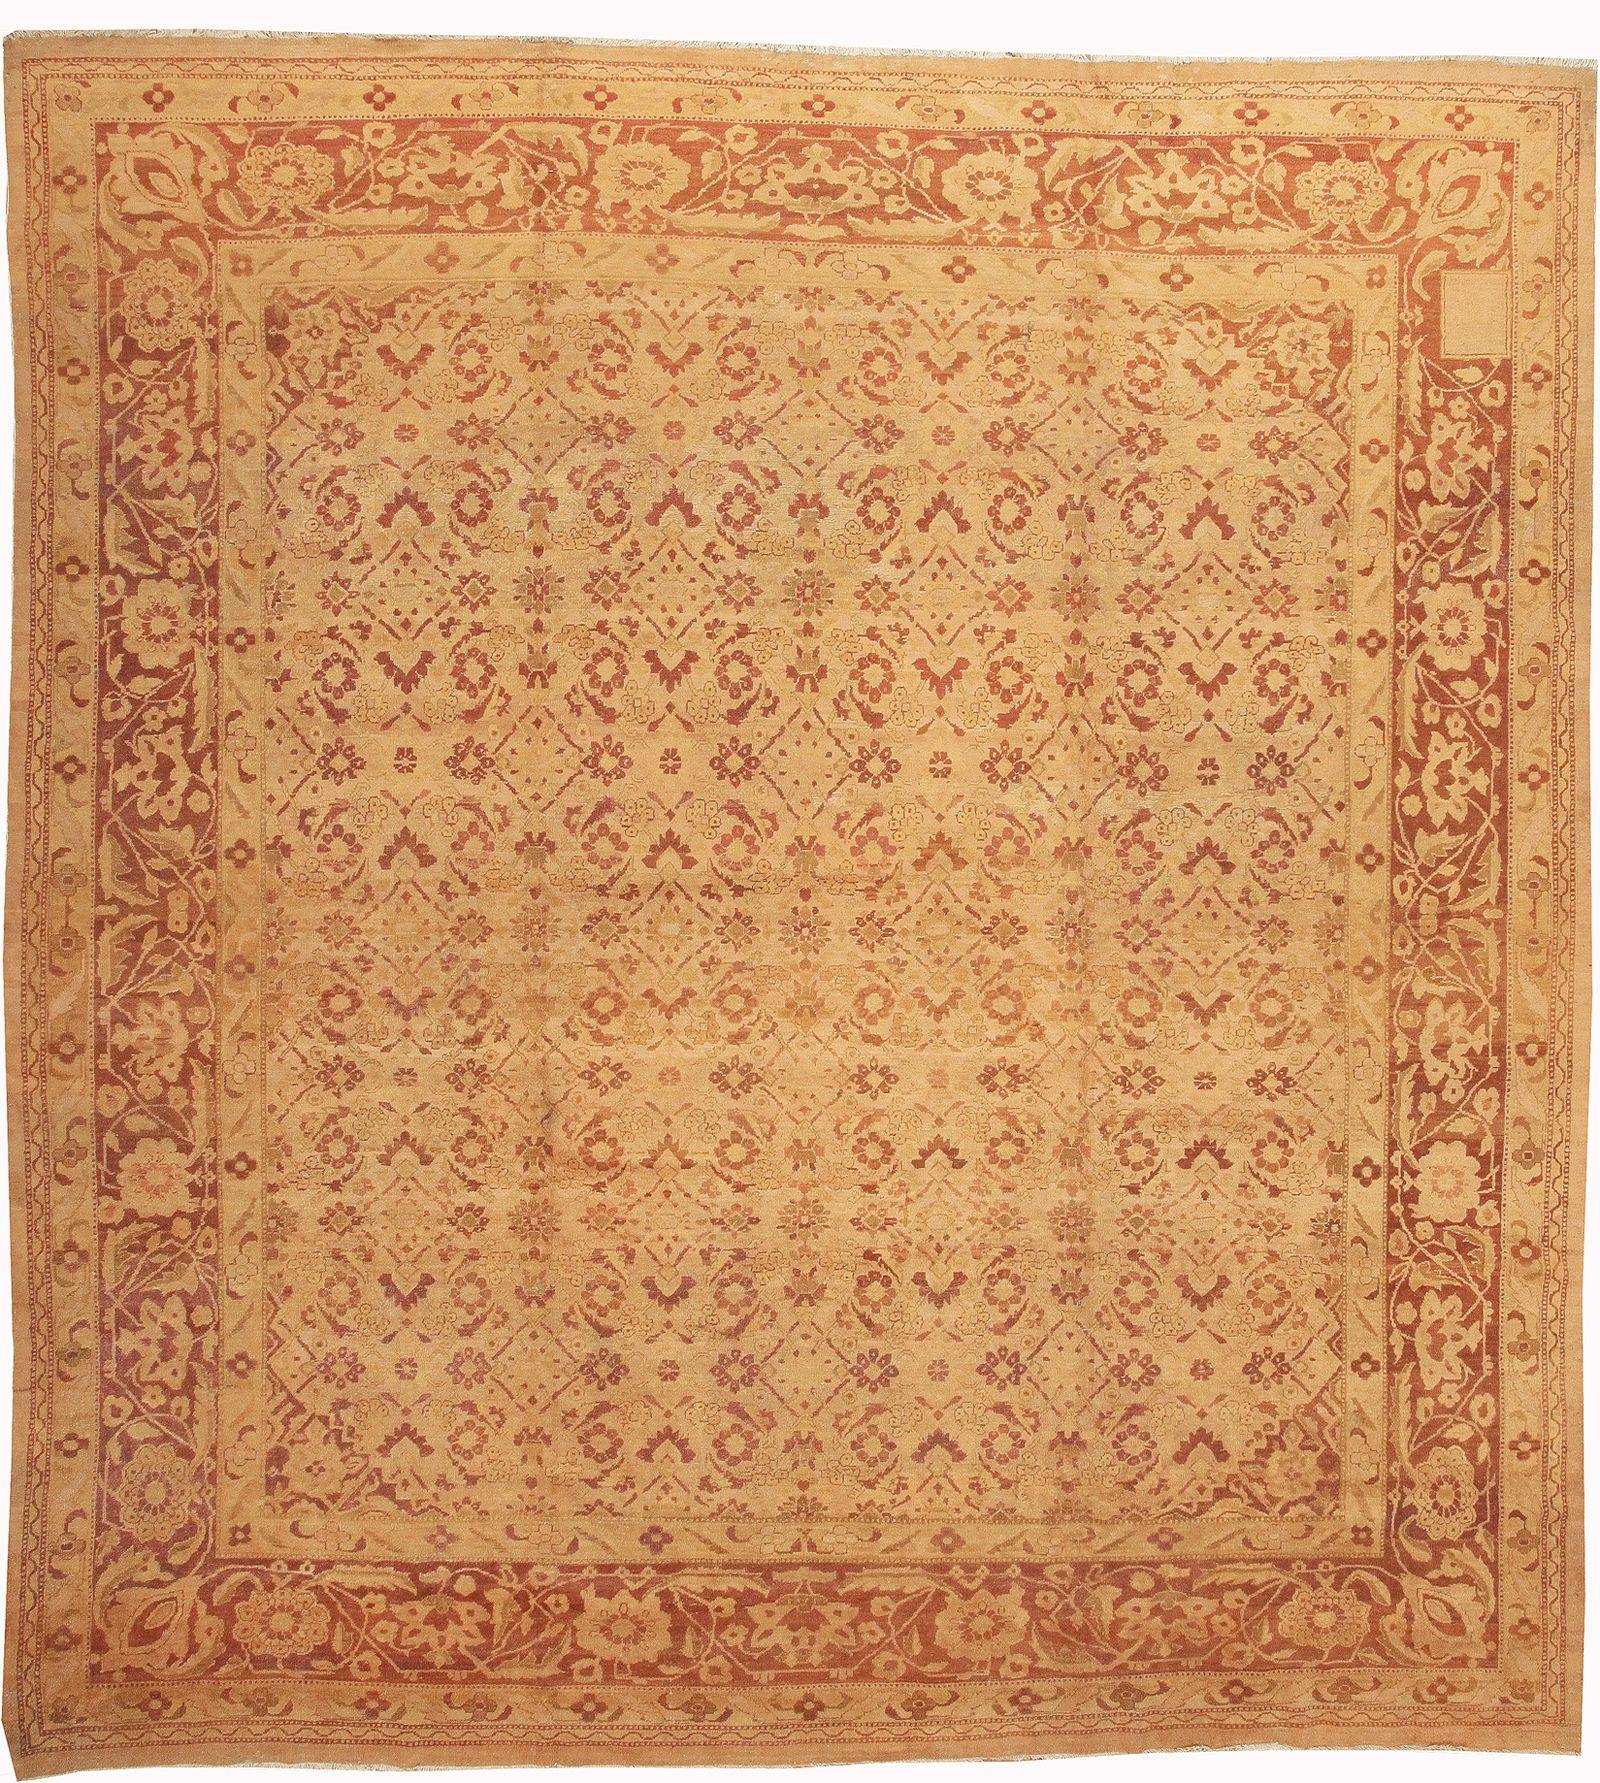 Modern Persian Tabriz Design Rug 44687 Nazmiyal Antique Rugs: Detail Image By Nazmiyal